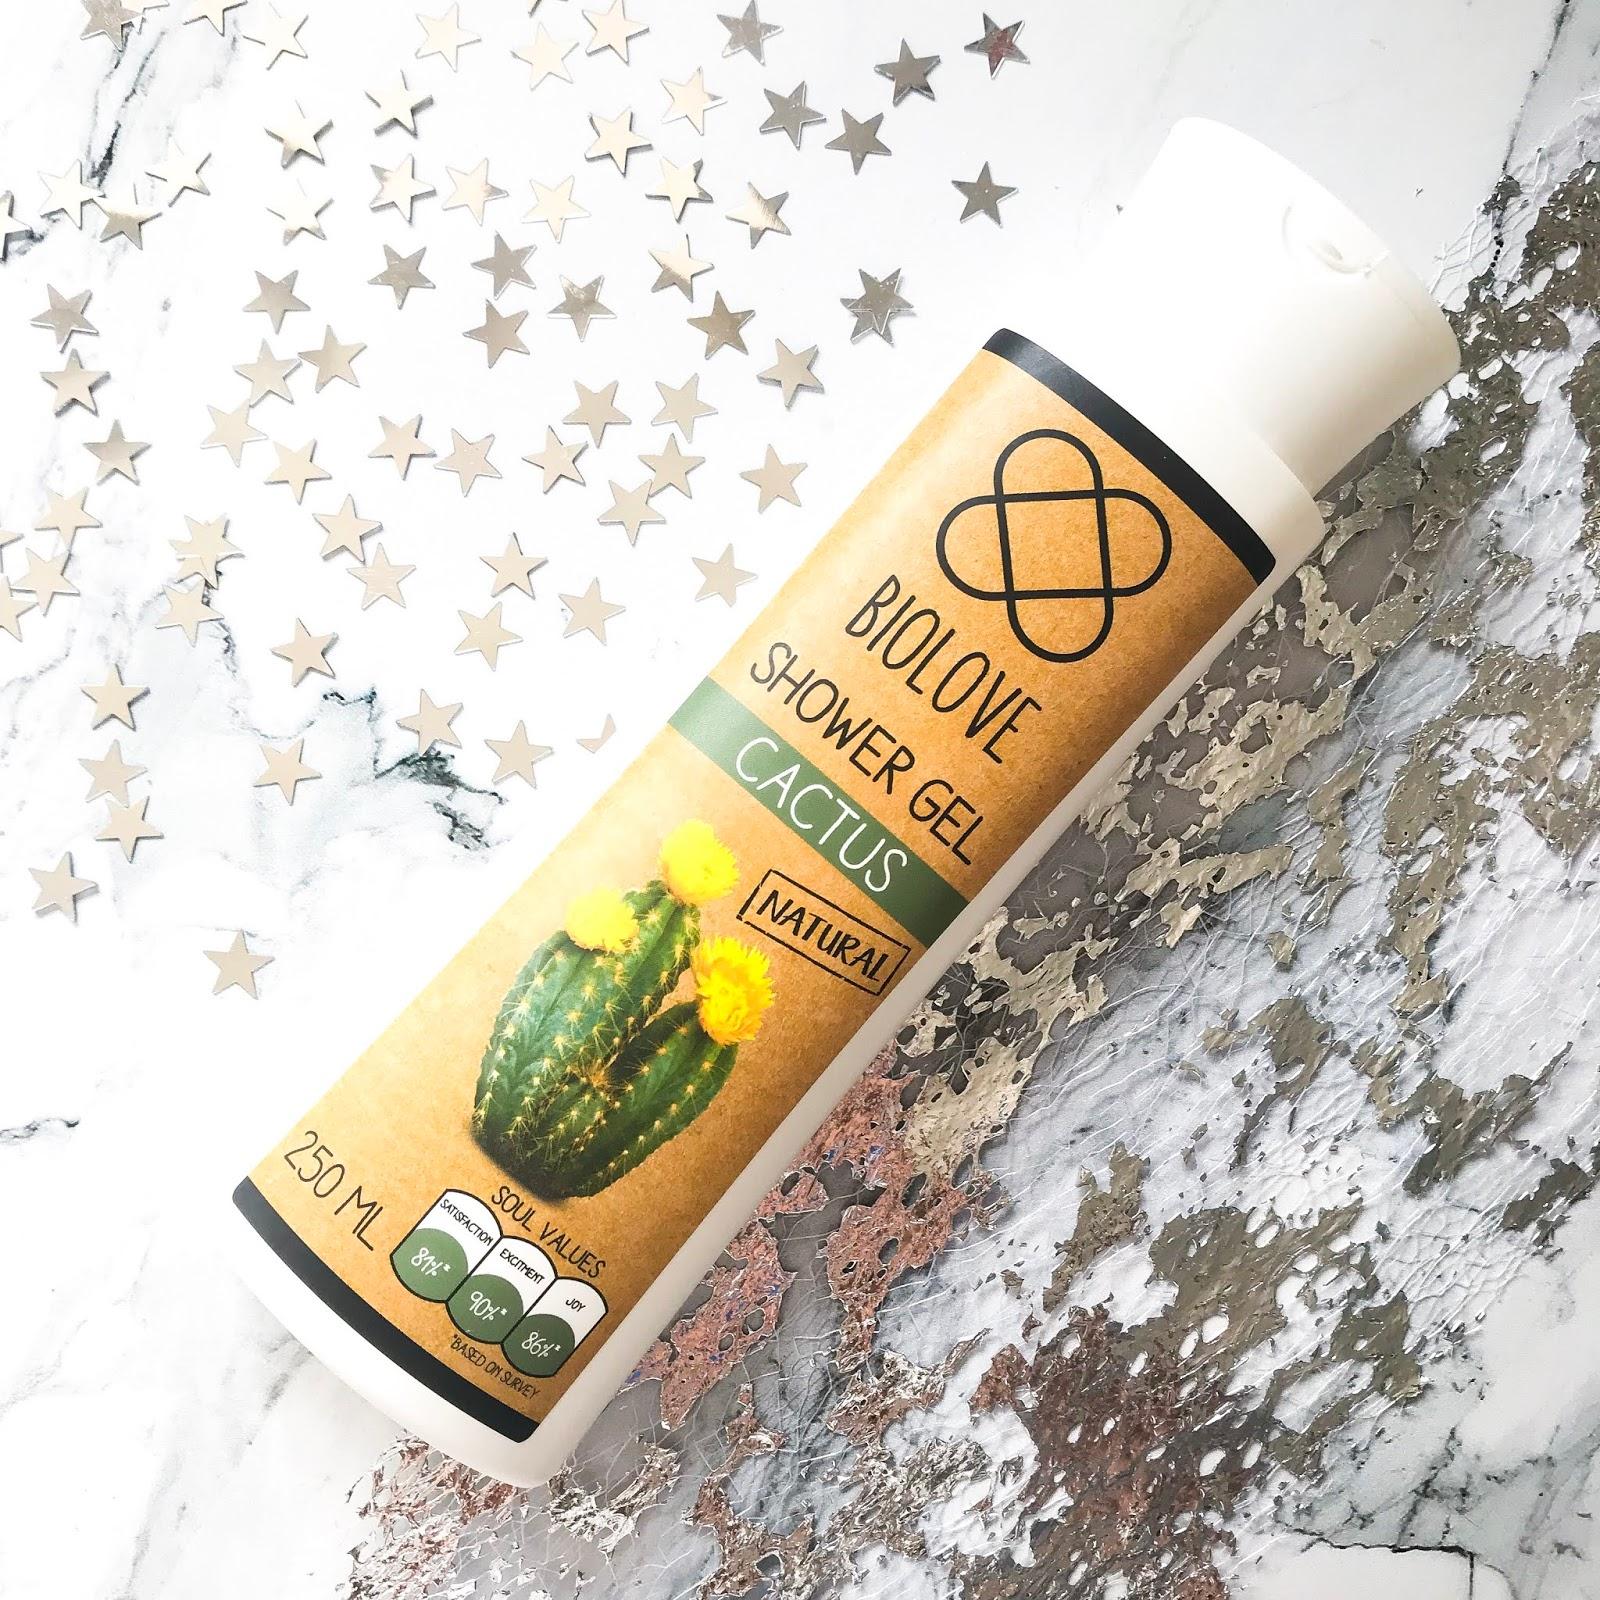 Co warto kupić w Kontigo? Kosmetyki marki Biolove! naturalne kosmetyki, żel pod prysznic biolove